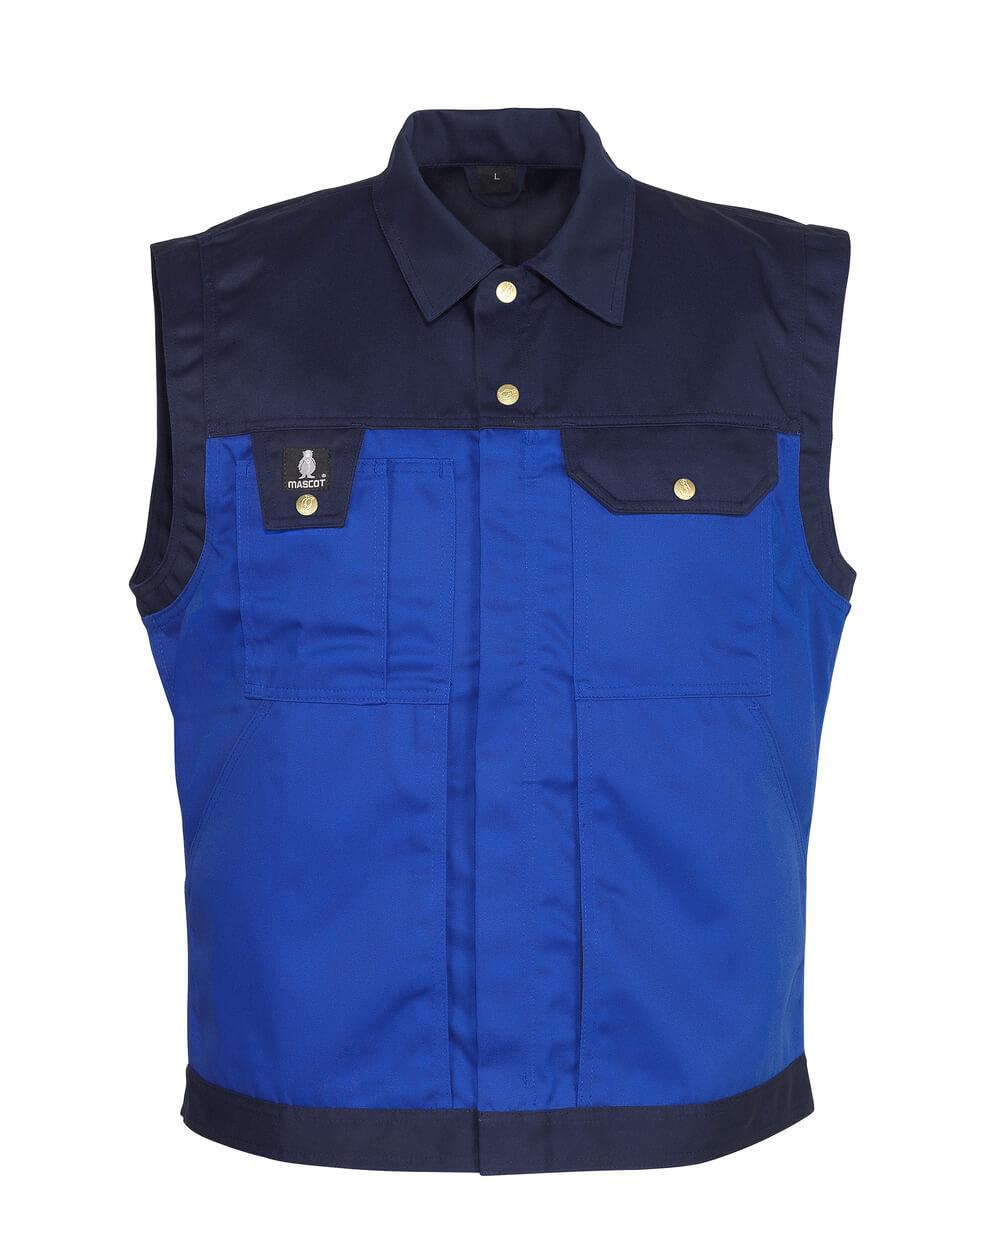 00990-430-1101 Gilet - Bleu roi/Marine